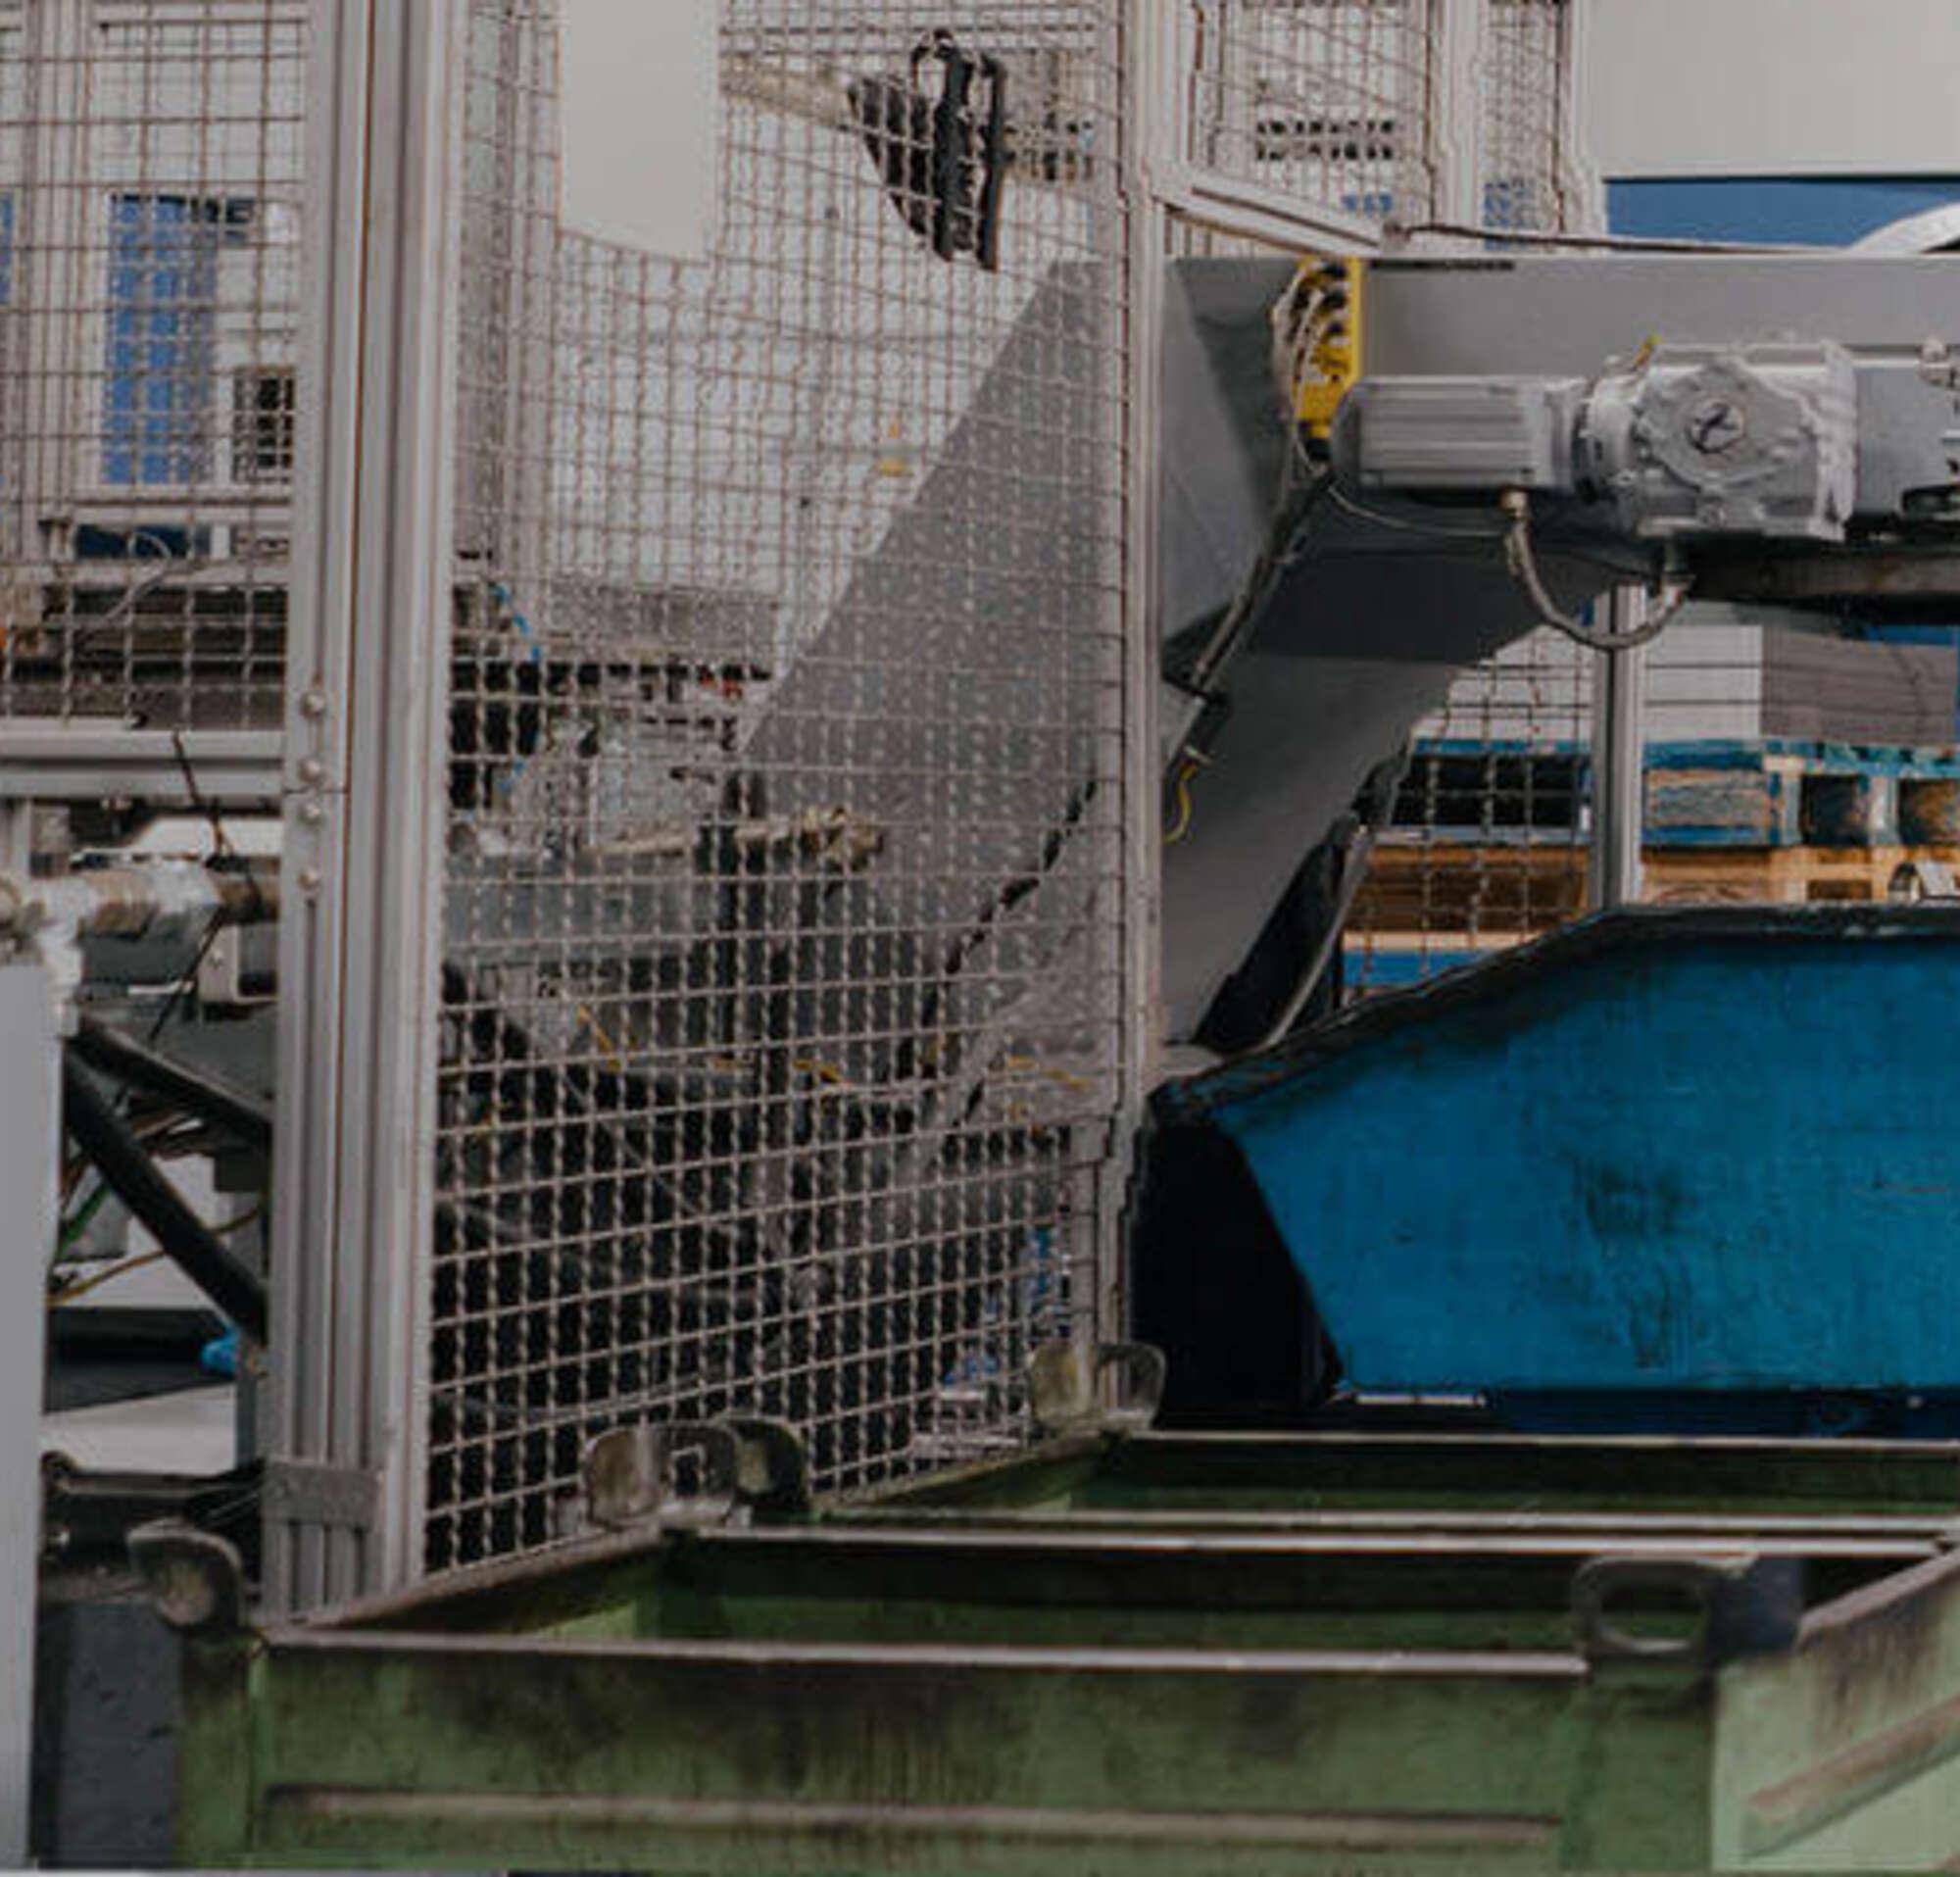 Un hombre en un traje caminando con una obrera dentro de una fábrica con maquinaria grande.